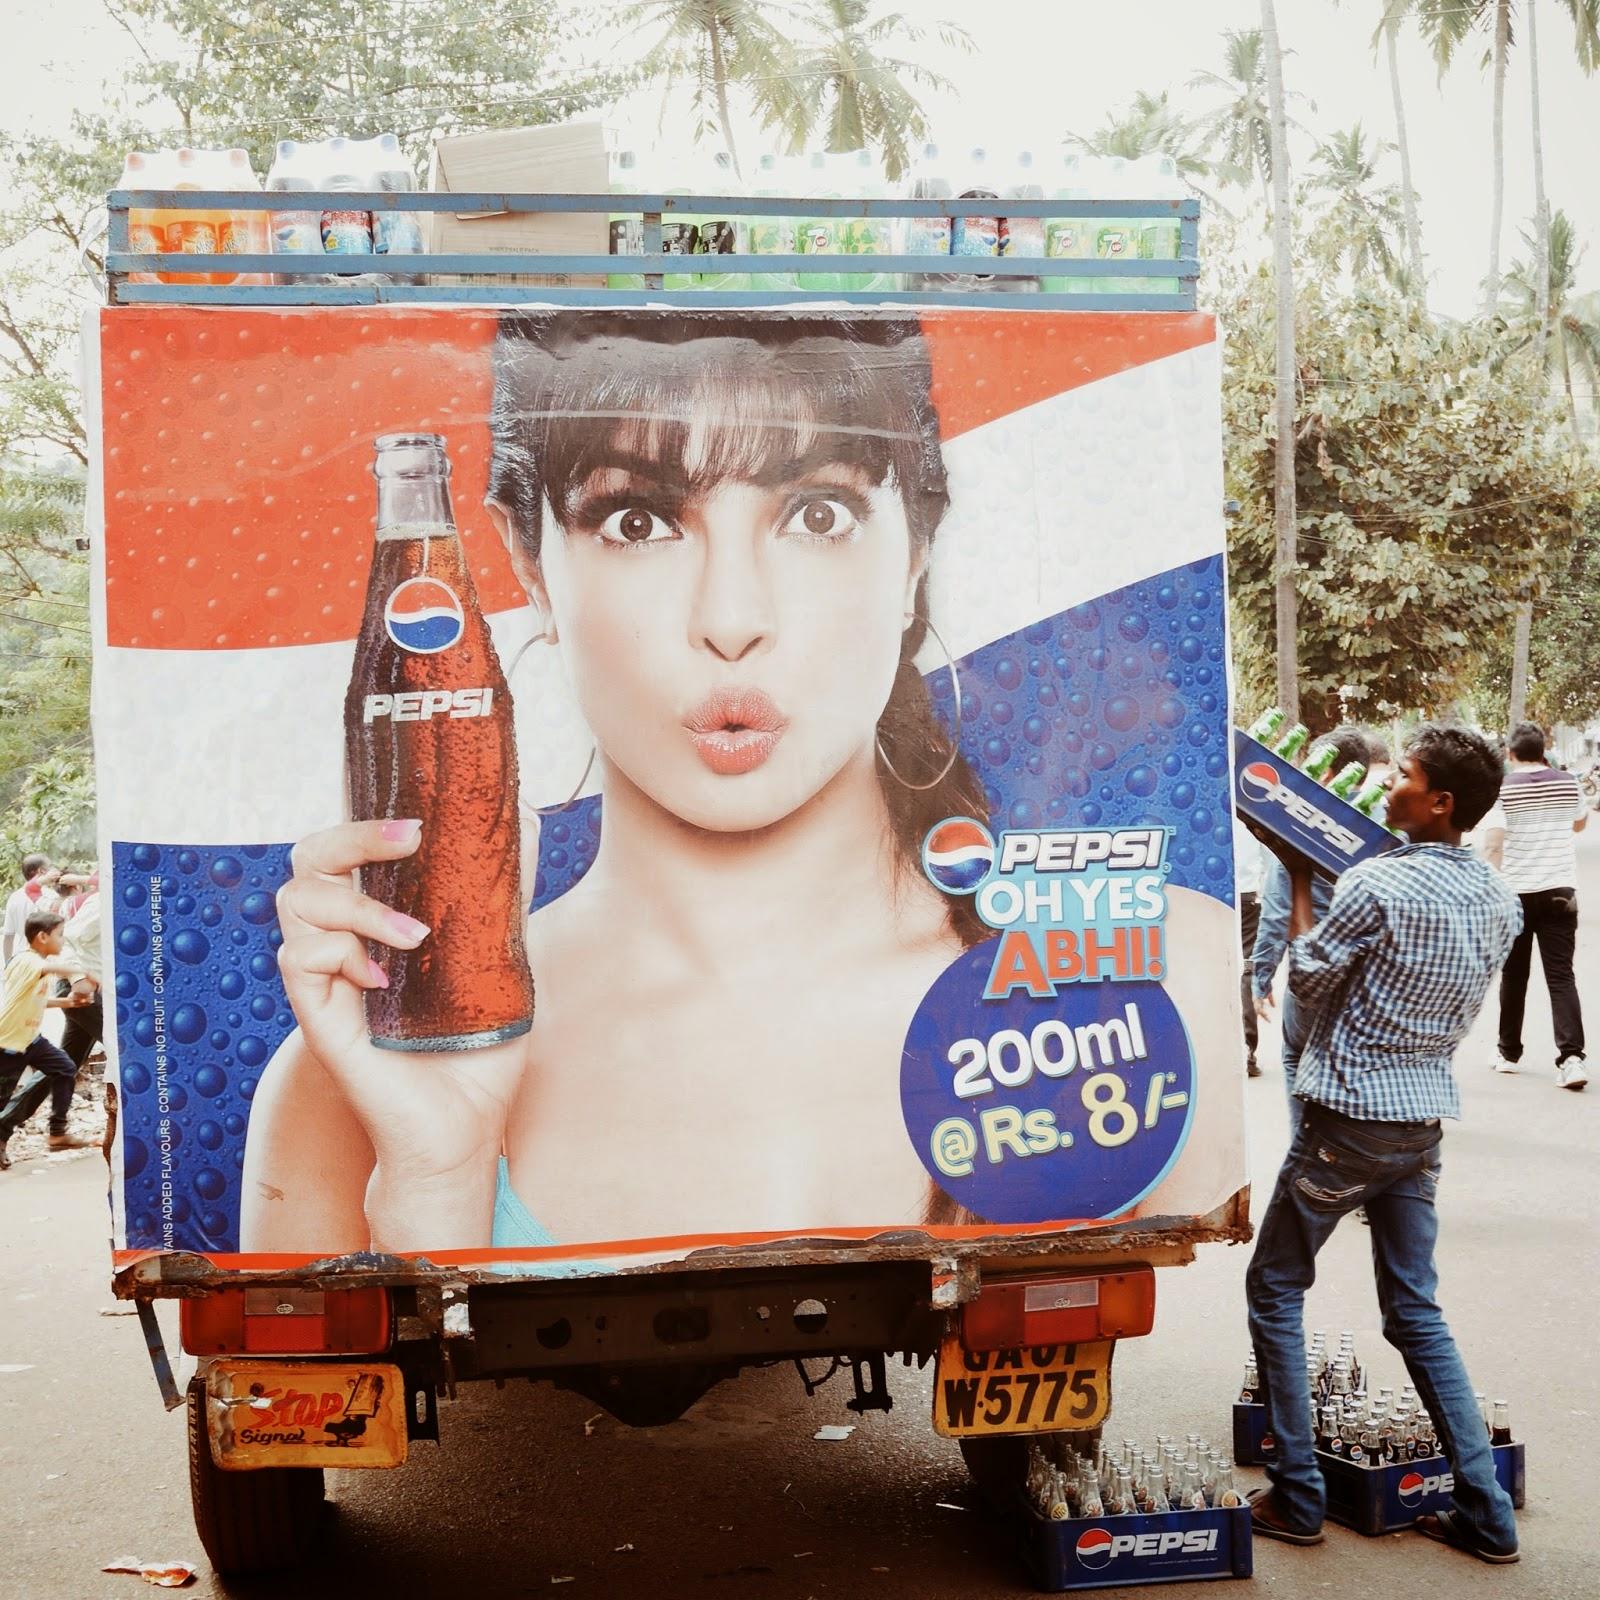 Pepsi truck, Goa